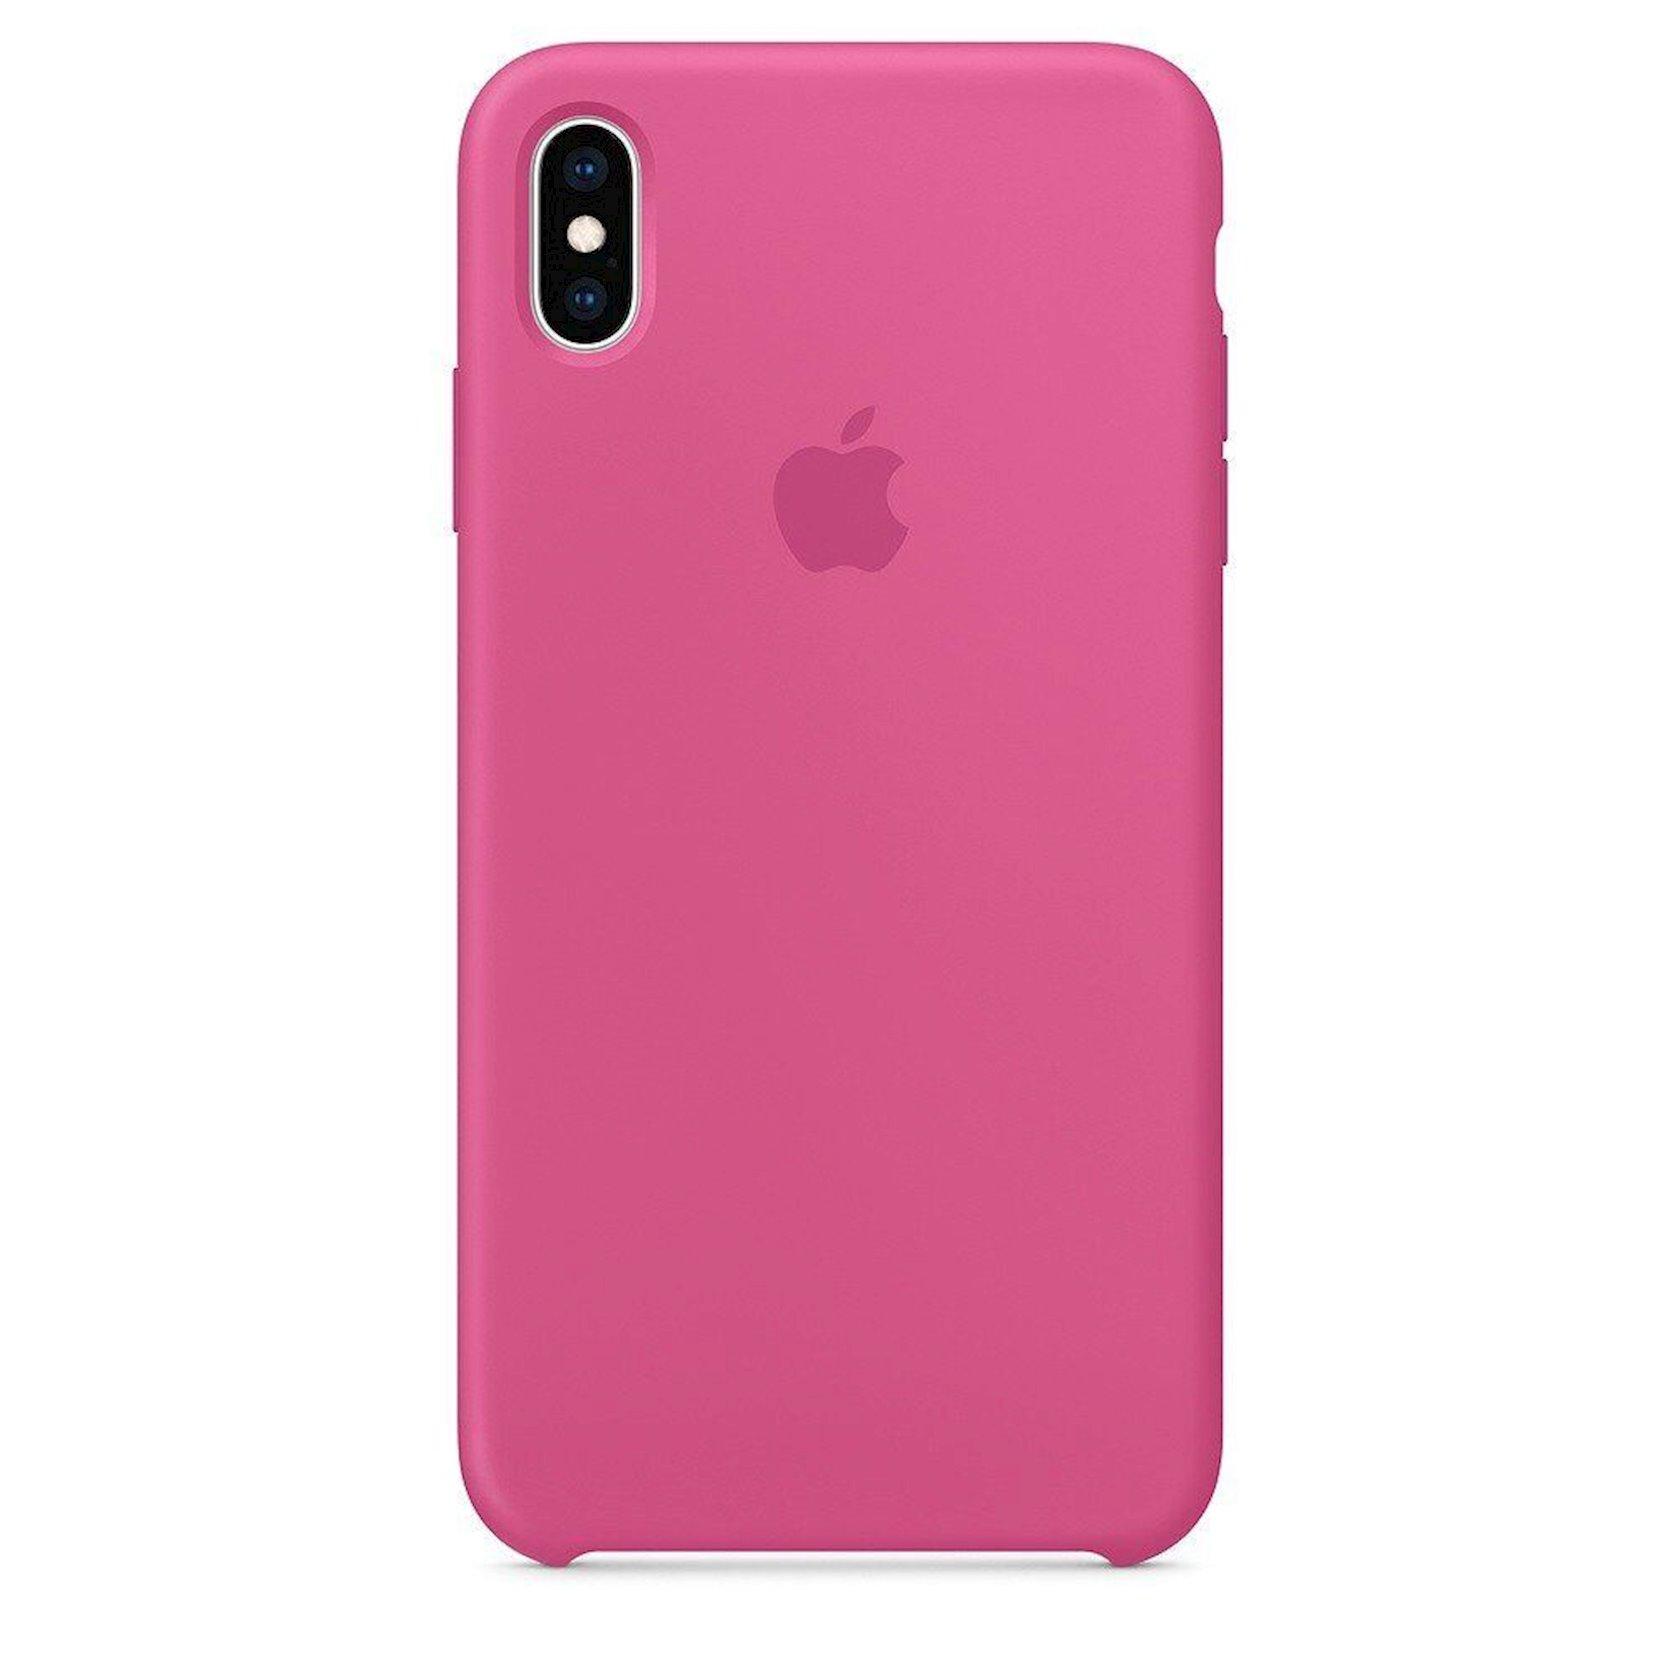 Çexol Silicone Case Apple iPhone XS Max üçün  Dragon Fruit